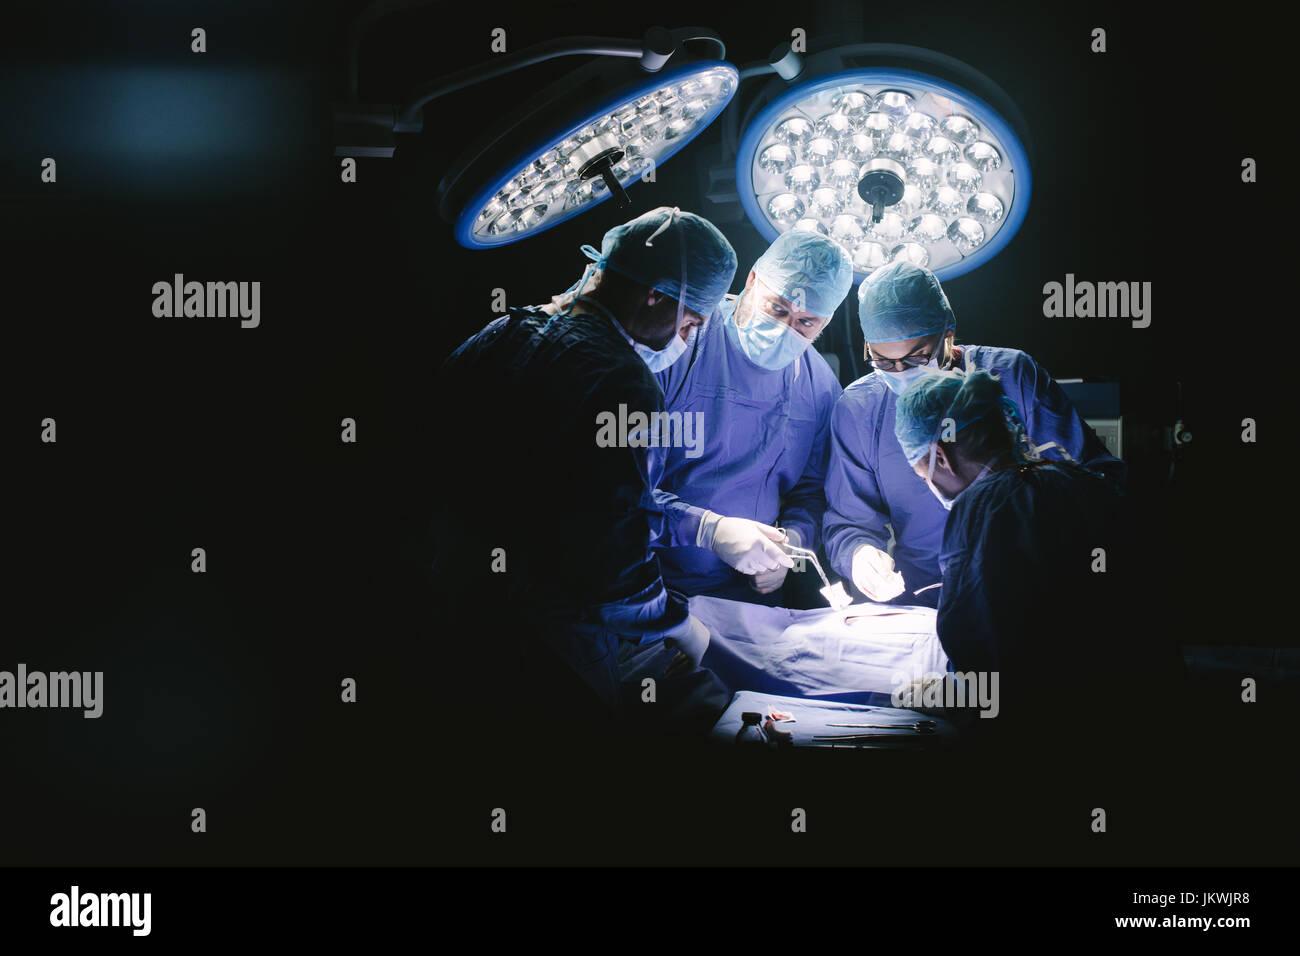 Gruppe von Chirurgen im Krankenhaus Operationssaal. Ärzteteam der Chirurgie im OP-Saal. Stockfoto